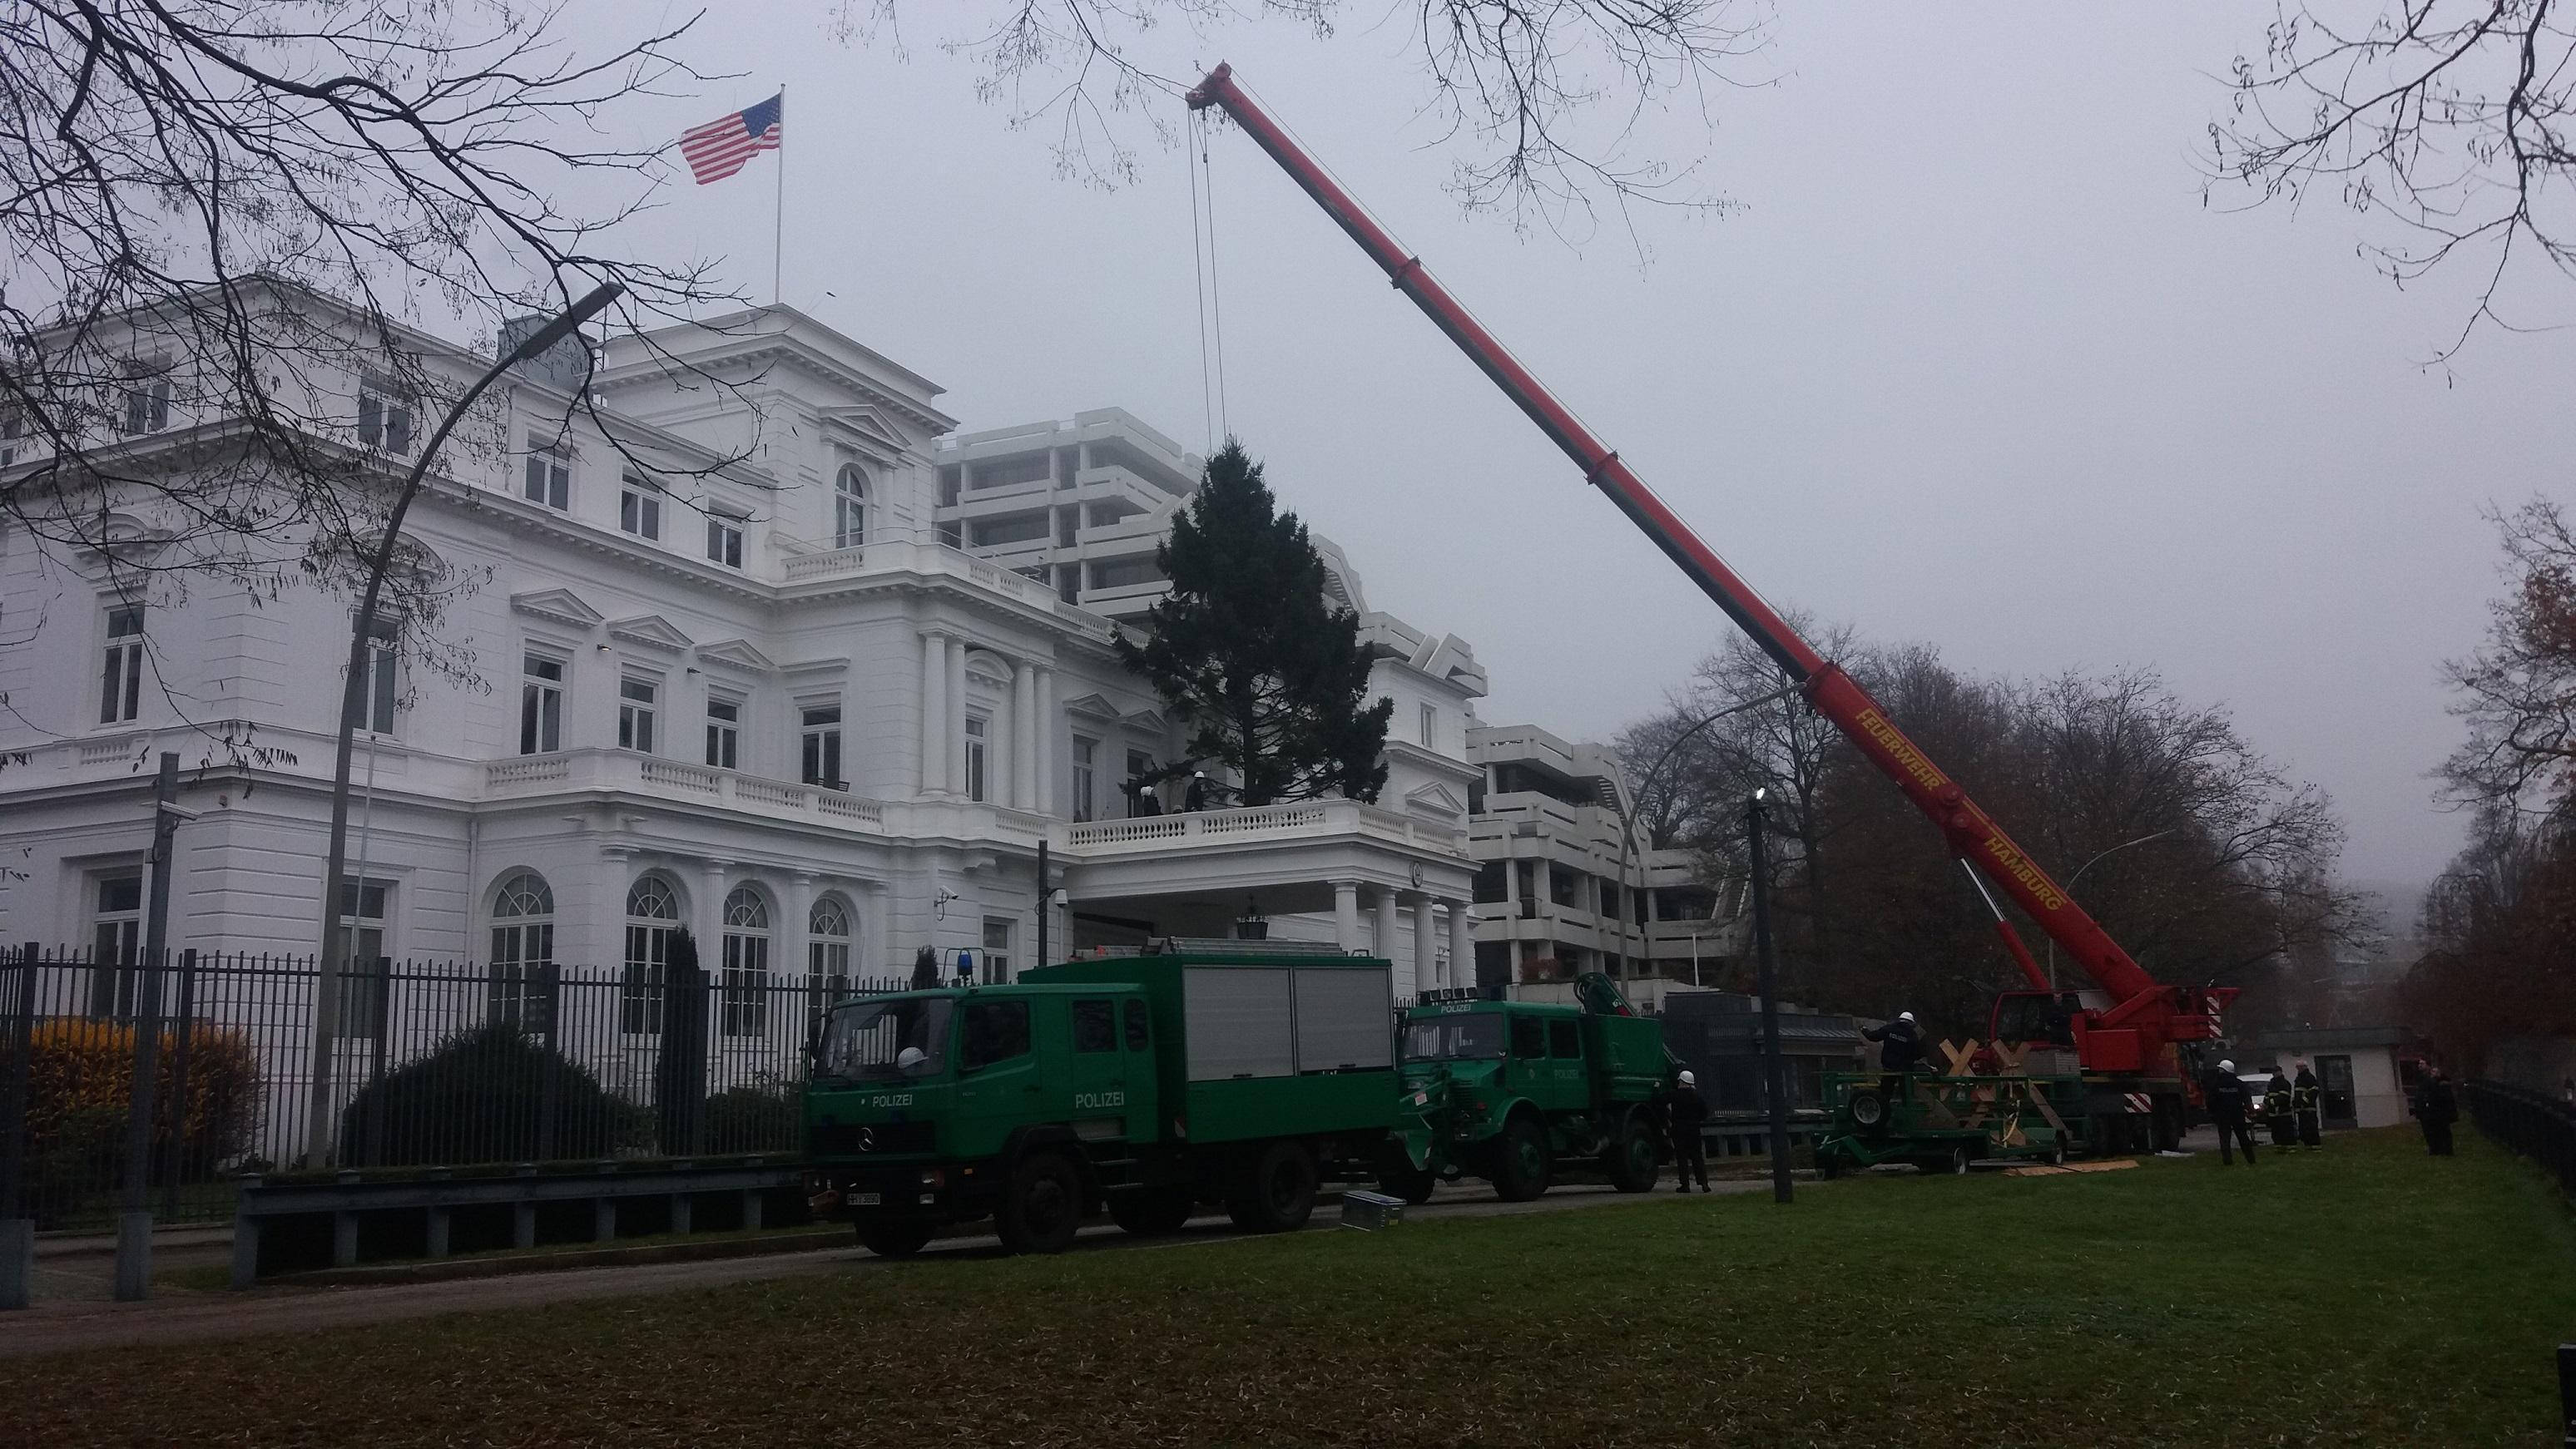 Der Kran ist von der Feuerwehr, die Trucks sind von der Polizei.  Da waren bestimmt ein Dutzend Beamte im Einsatz. Es ging wohl tatsächlich nur darum, den Baum auf den Balkon des US-Konsulats zu hieven ...